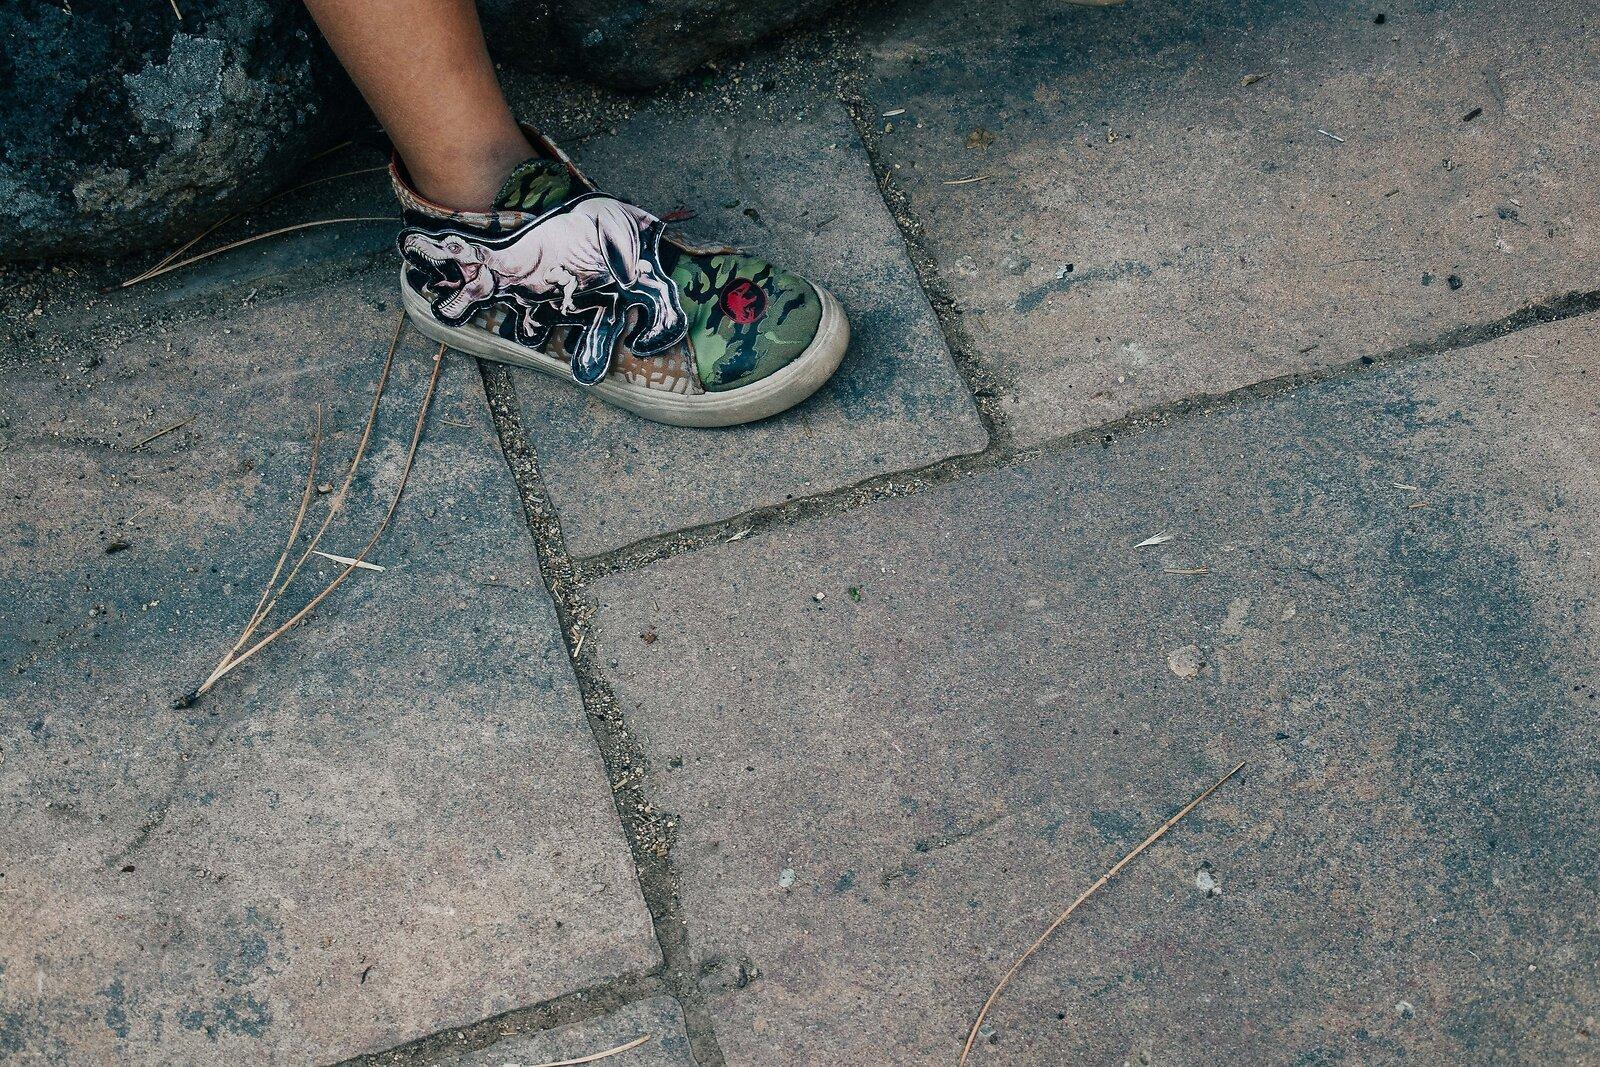 Dinosaur_Shoe.jpg